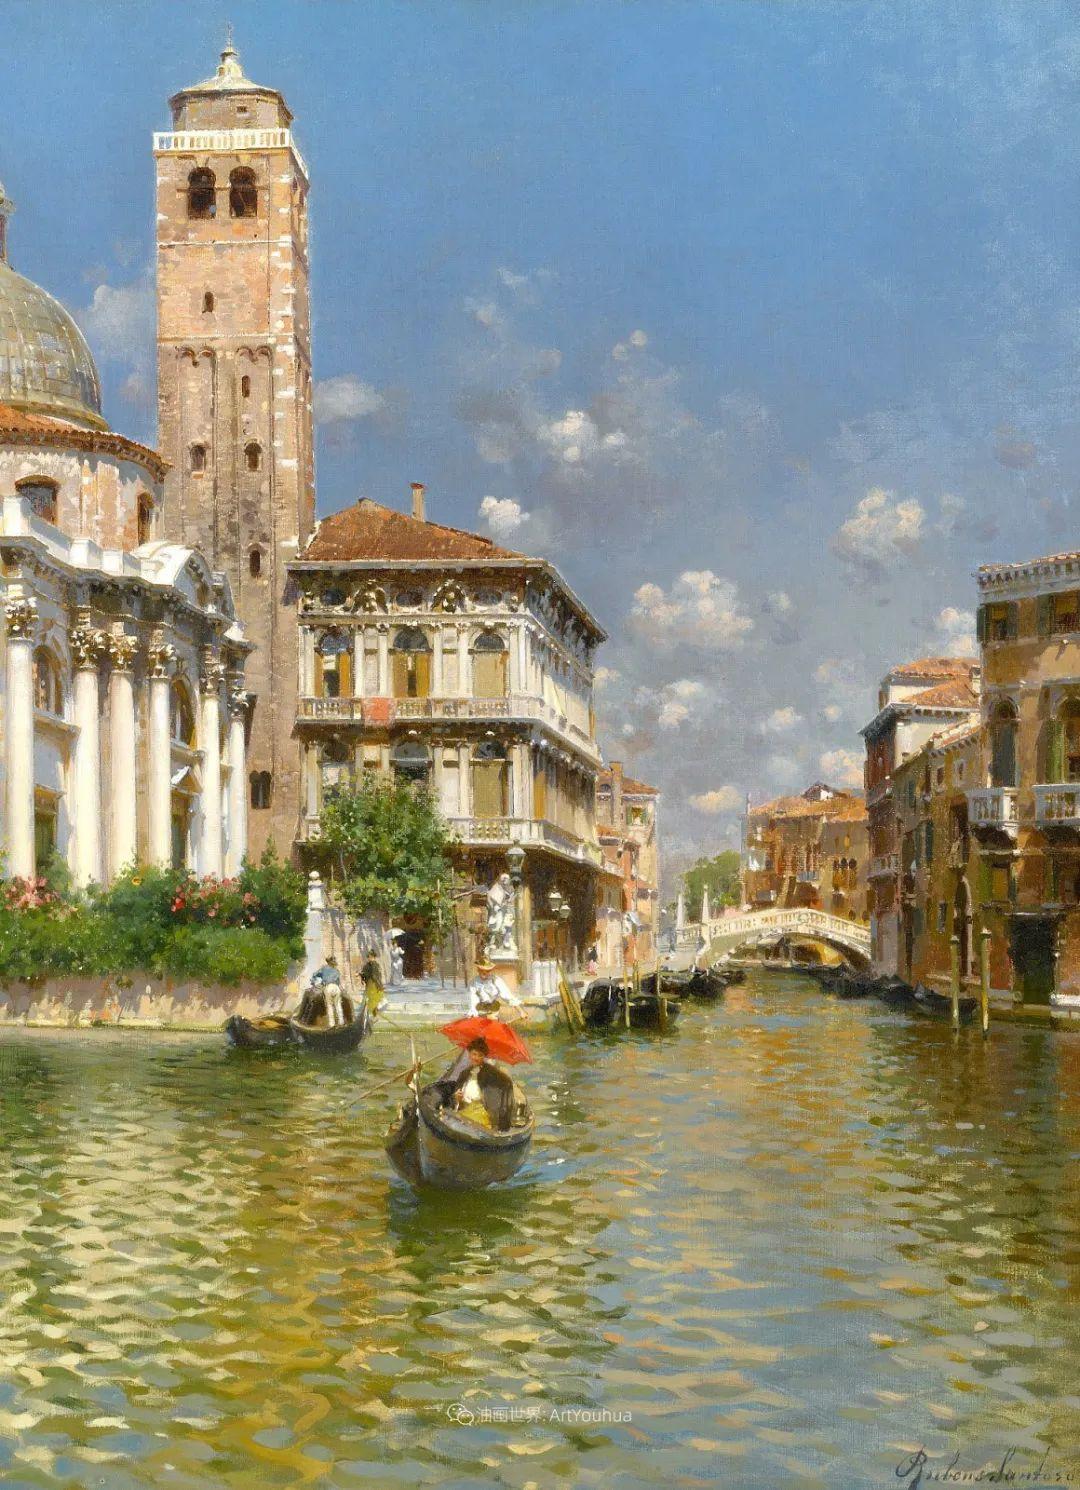 威尼斯风光,意大利画家鲁本斯·桑托罗插图11